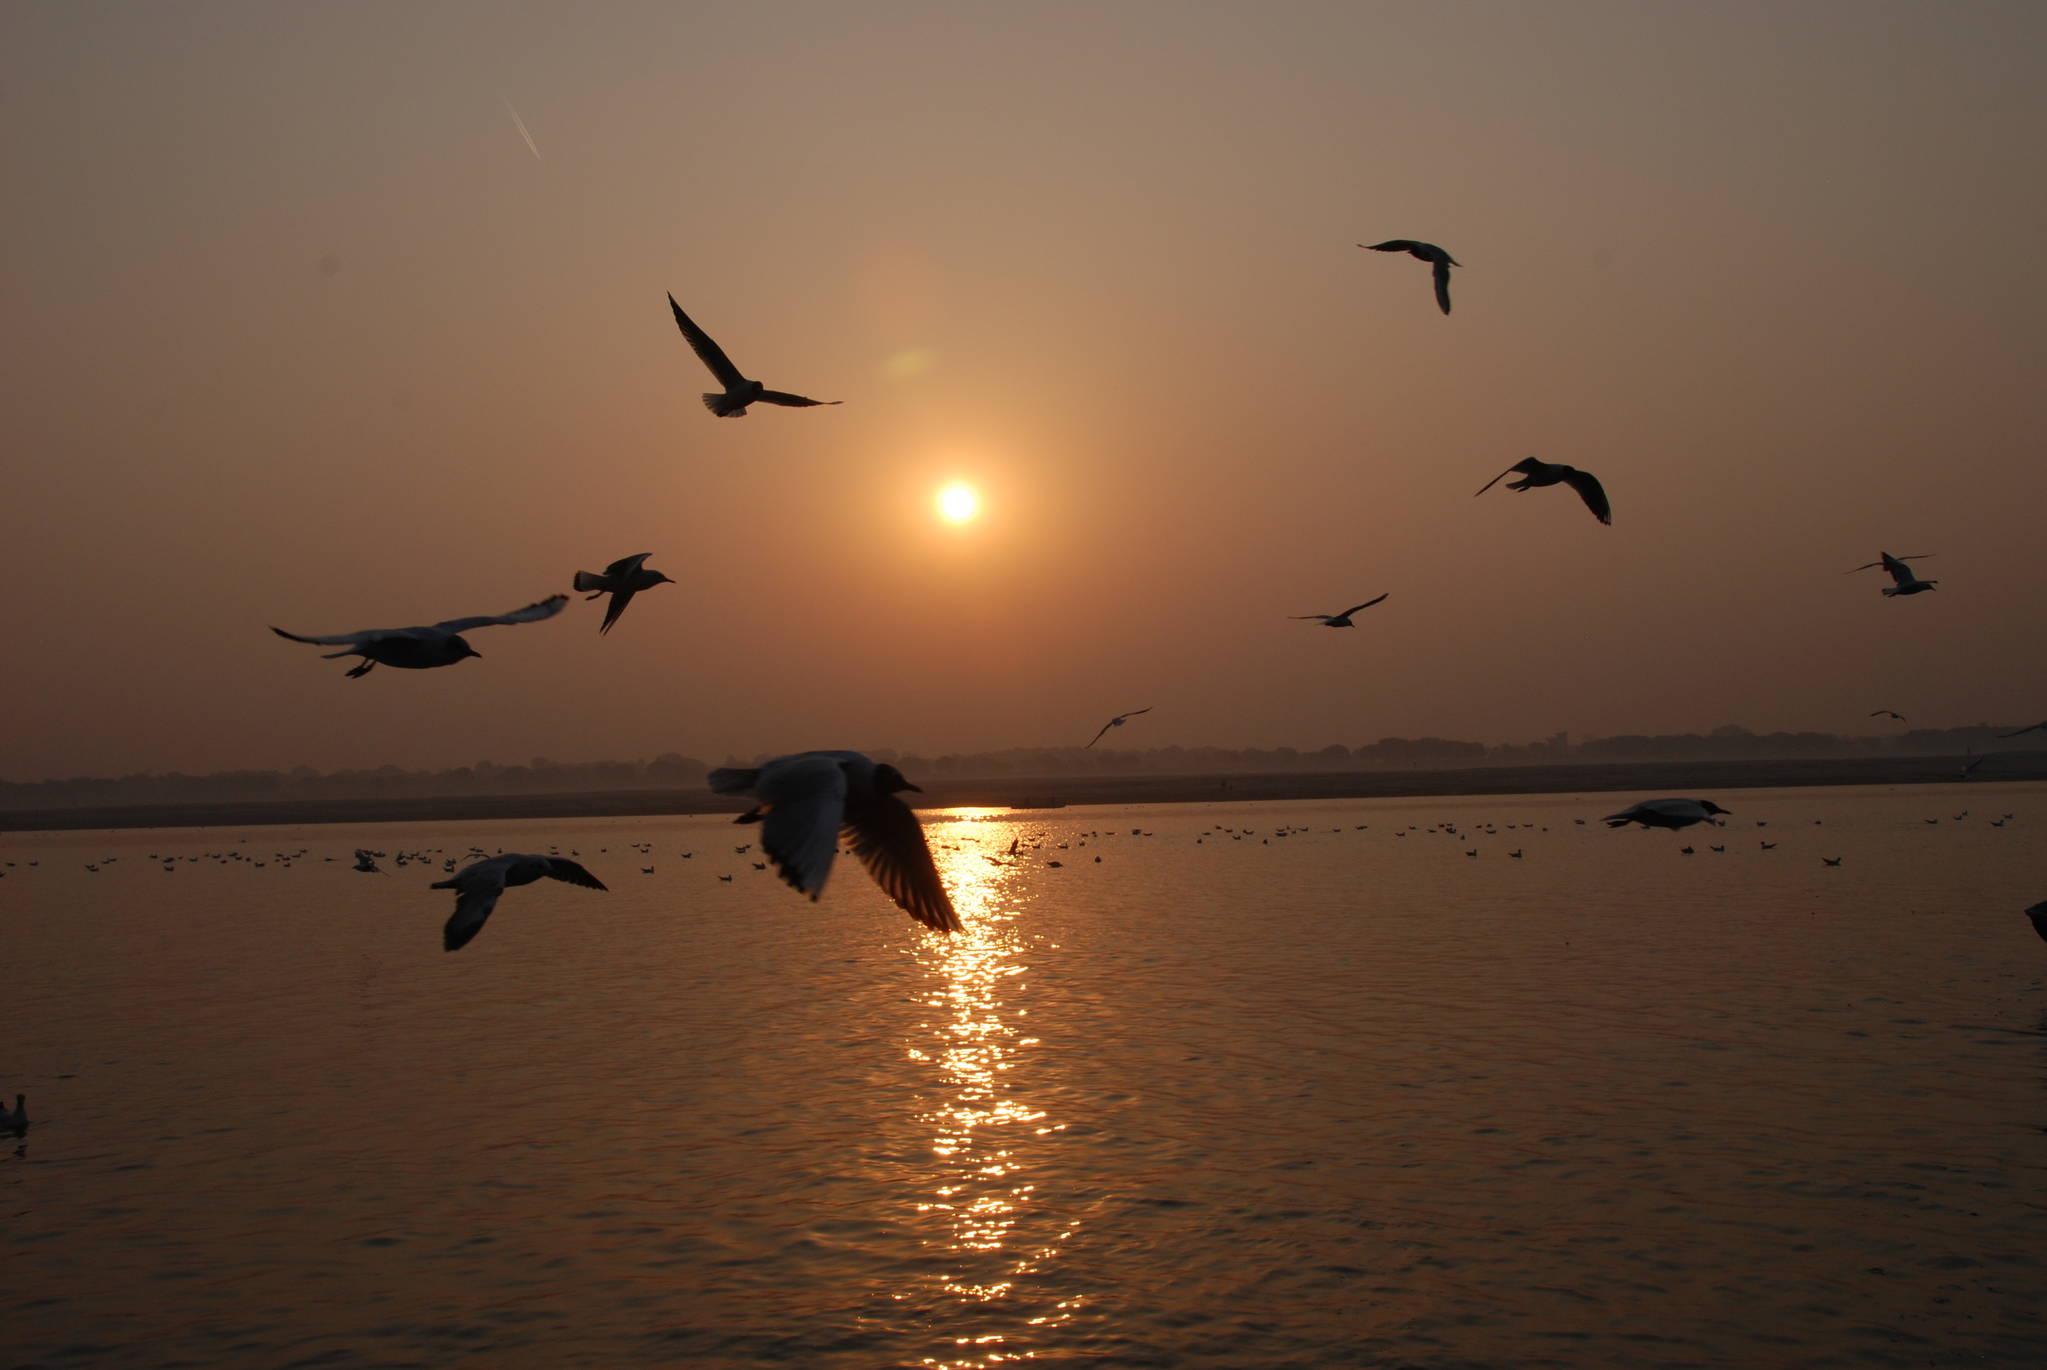 """갠지스강 위로 새가 날아간다. 도마복음의 예수는 """"천국이 하늘에 있는 것이라면, 저 하늘을 나는 새가 너보다 먼저 닿을 것이다. 천국은 너희 안에, 또 너희 밖에 있다""""고 말했다. 백성호 기자"""